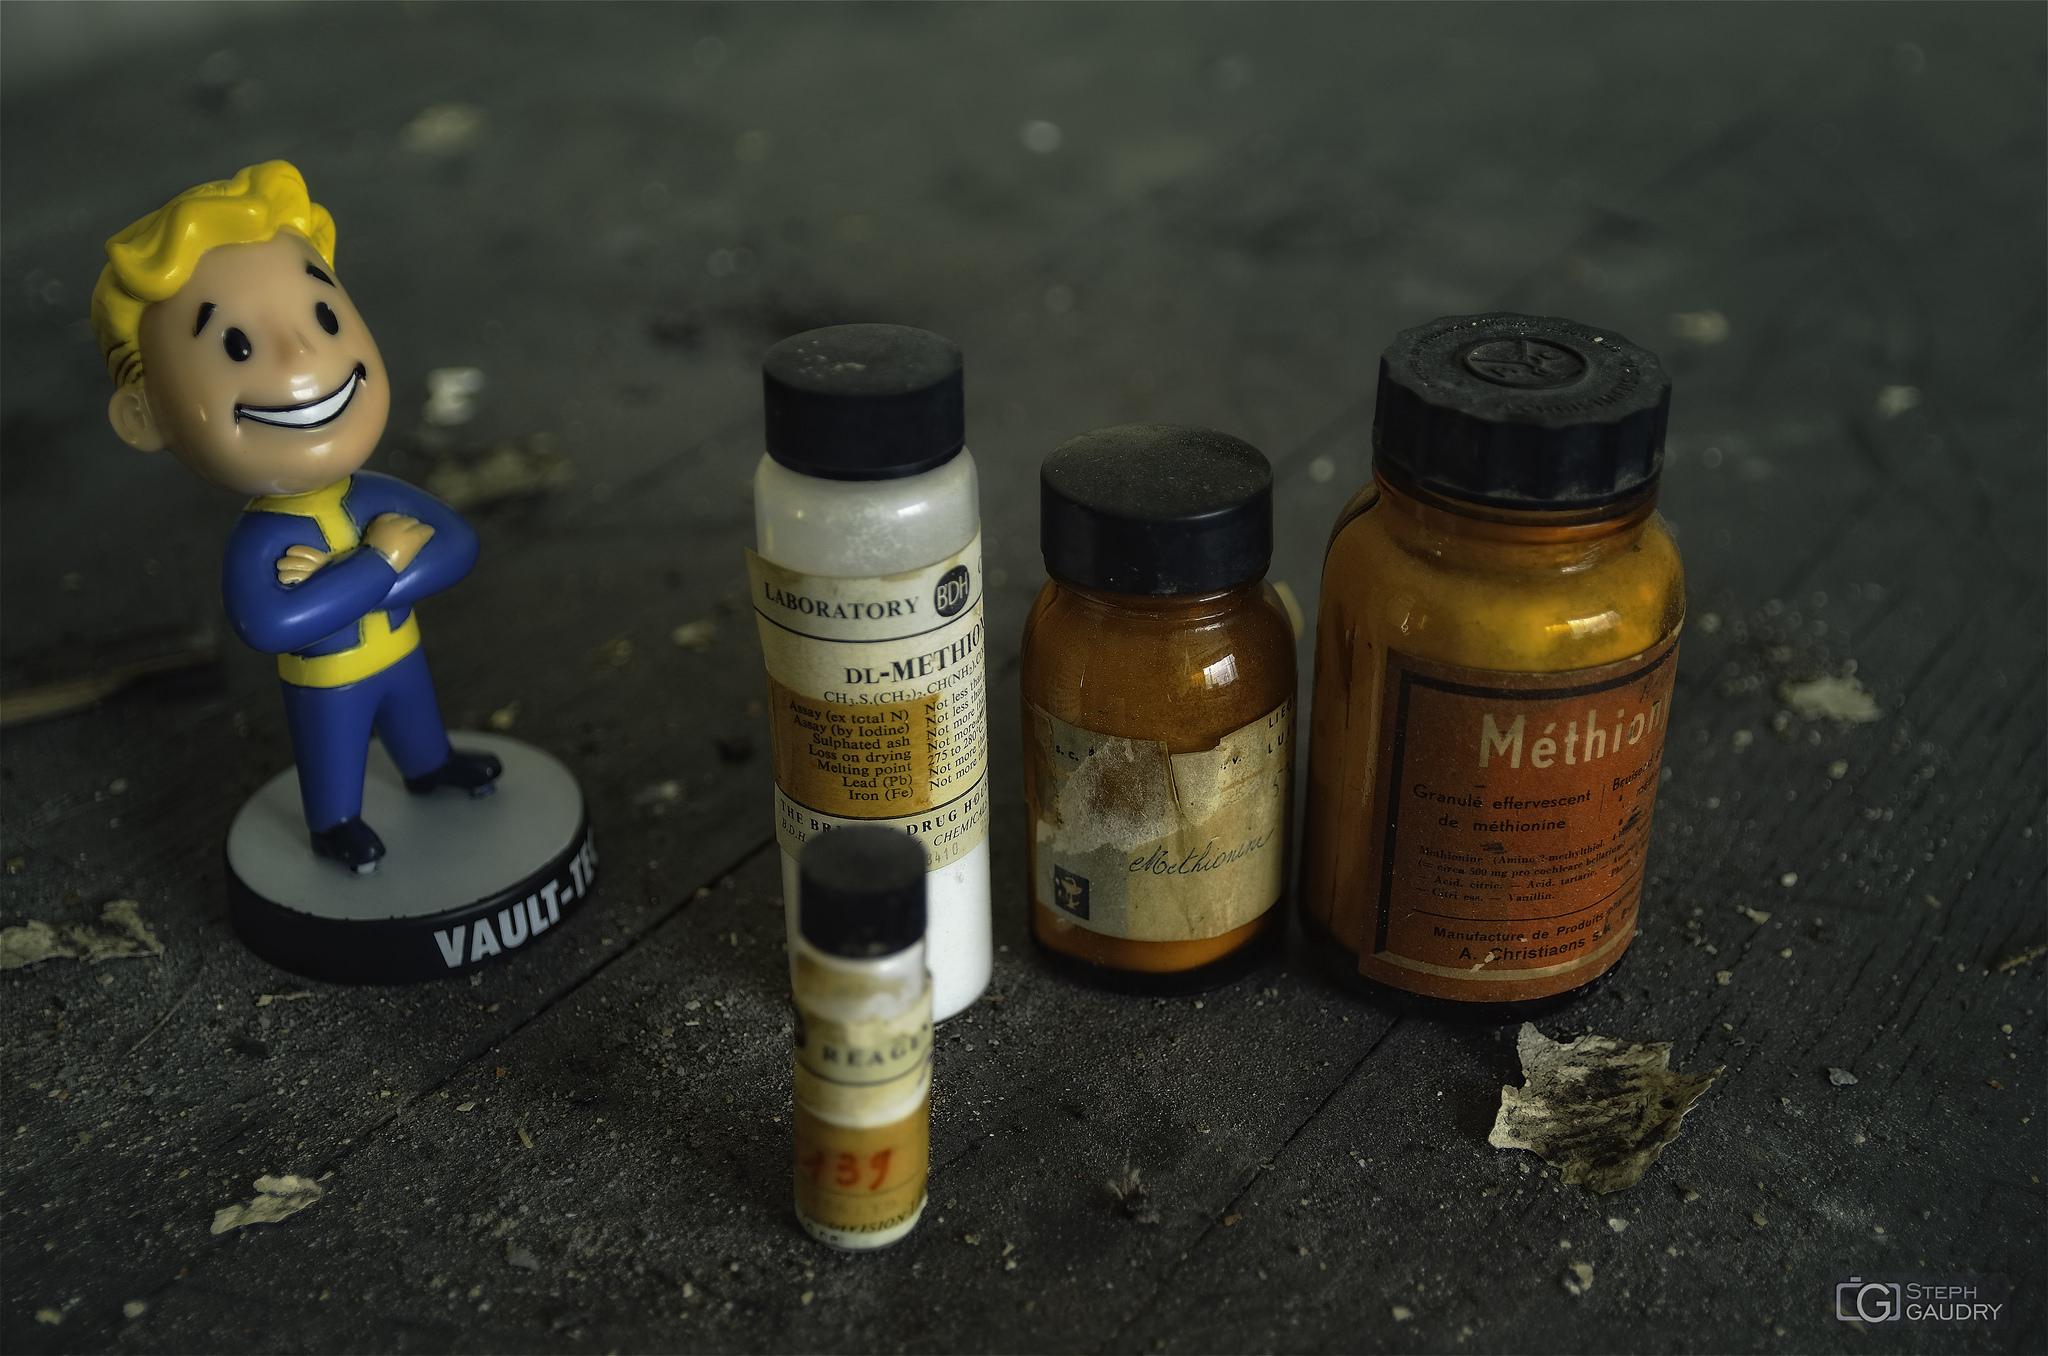 Fallout - Buffout, radaway, mais où sont les stimpaks? [Cliquez pour lancer le diaporama]